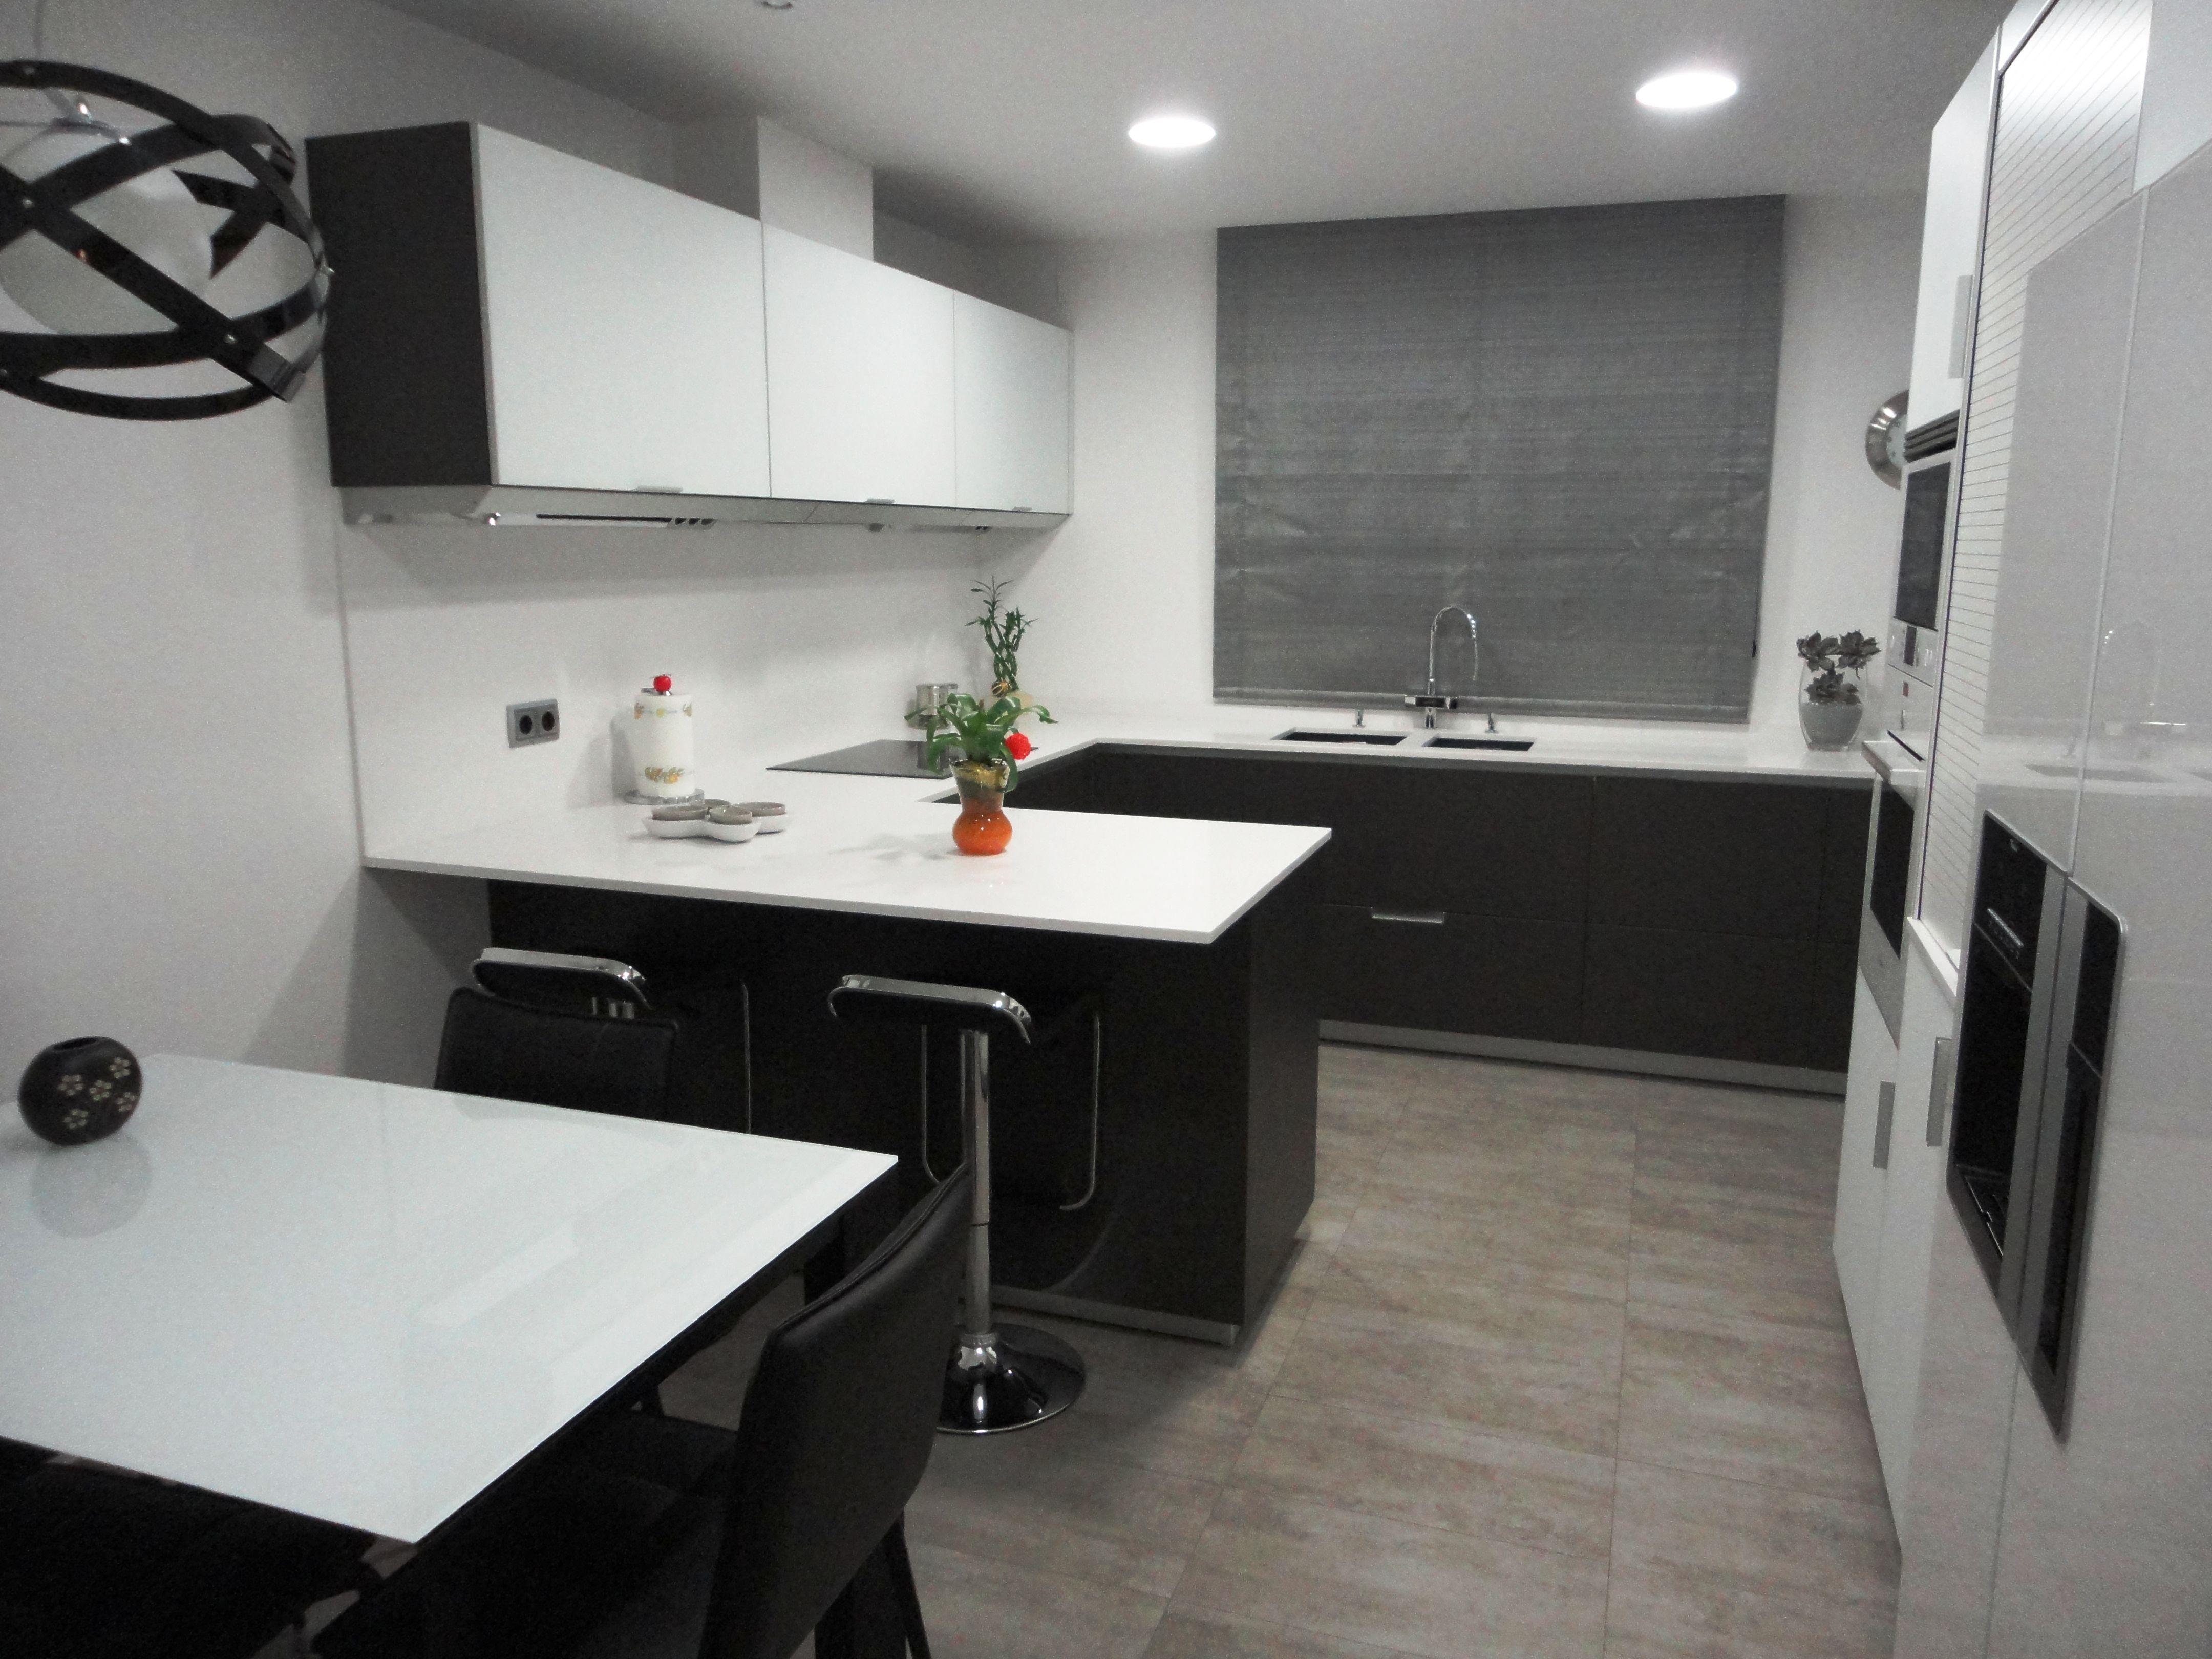 Reforma Cocina La Mobiliario Santos Modeo Minos Roble Grisaceo  # Muebles Vikingos La Serena